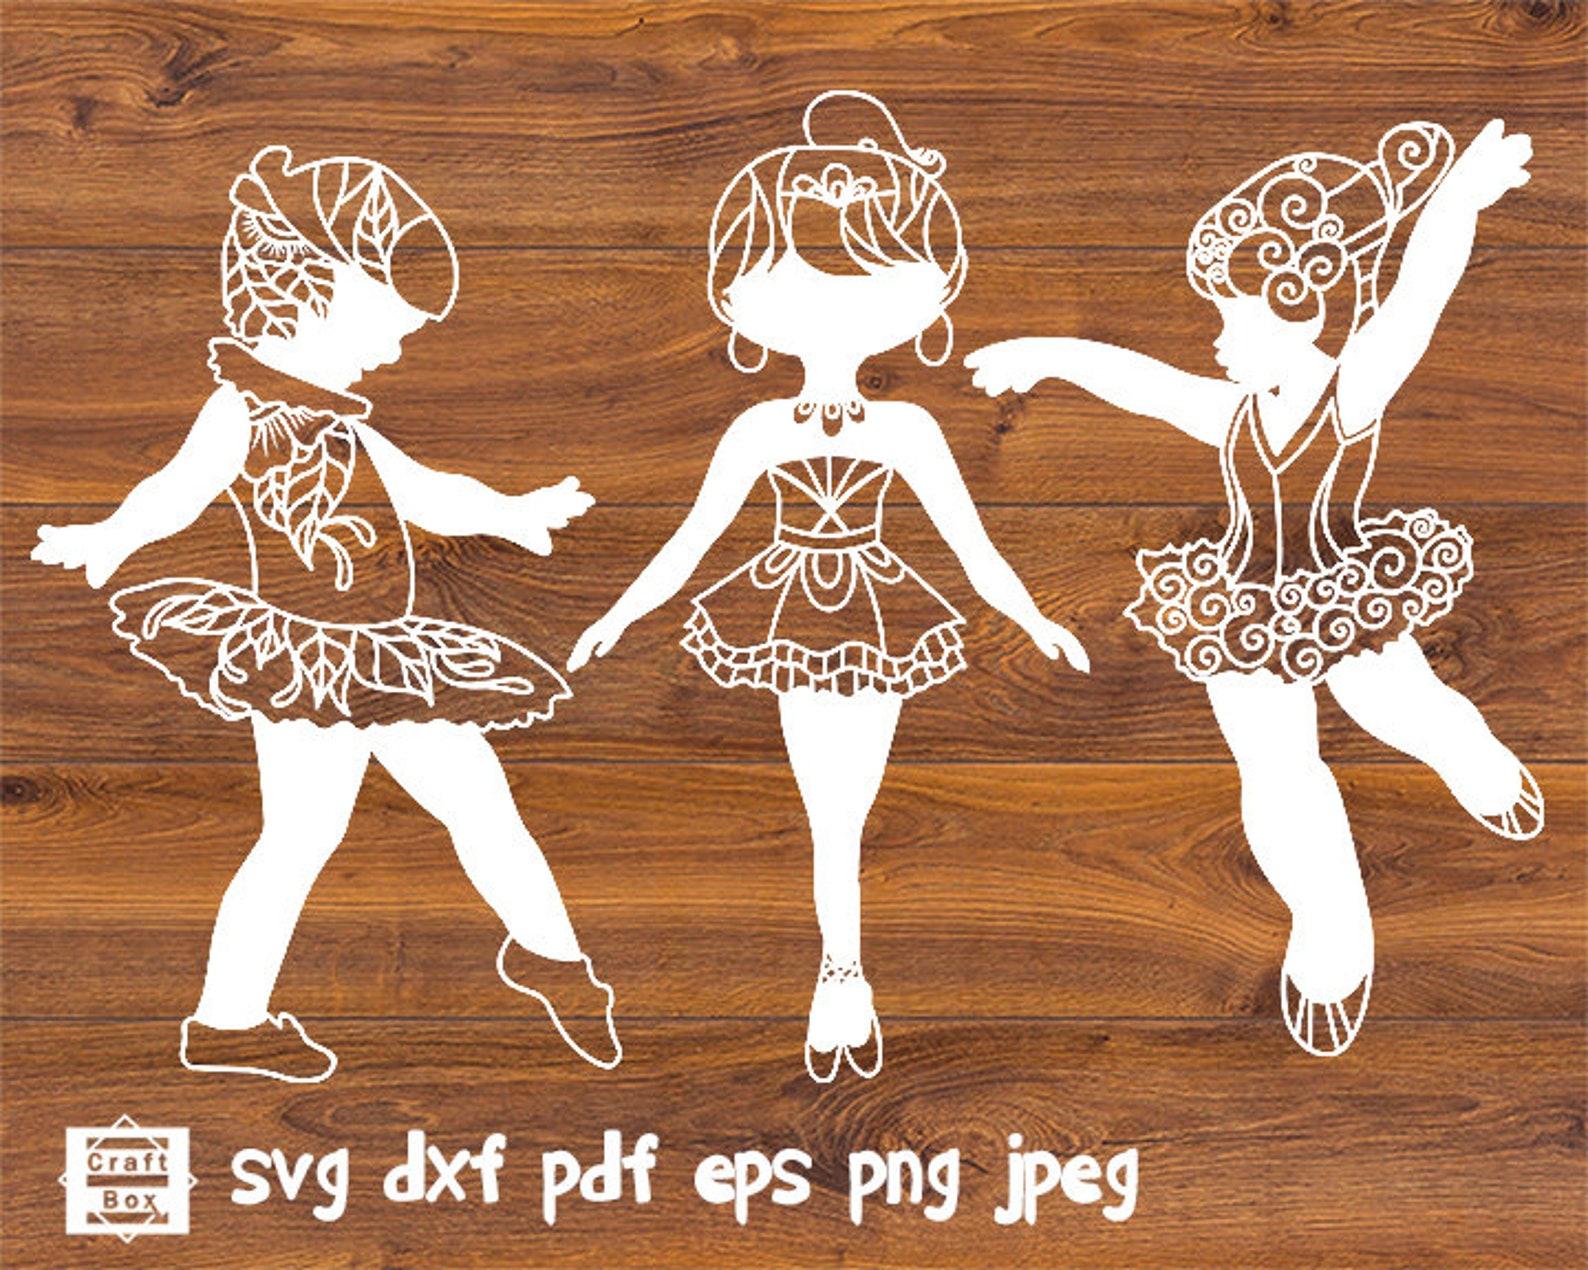 little ballerina svg, ballerina svg, ballerinas clipart, ballet svg, cute ballerina svg, ballerina template, ballerina svg bundl